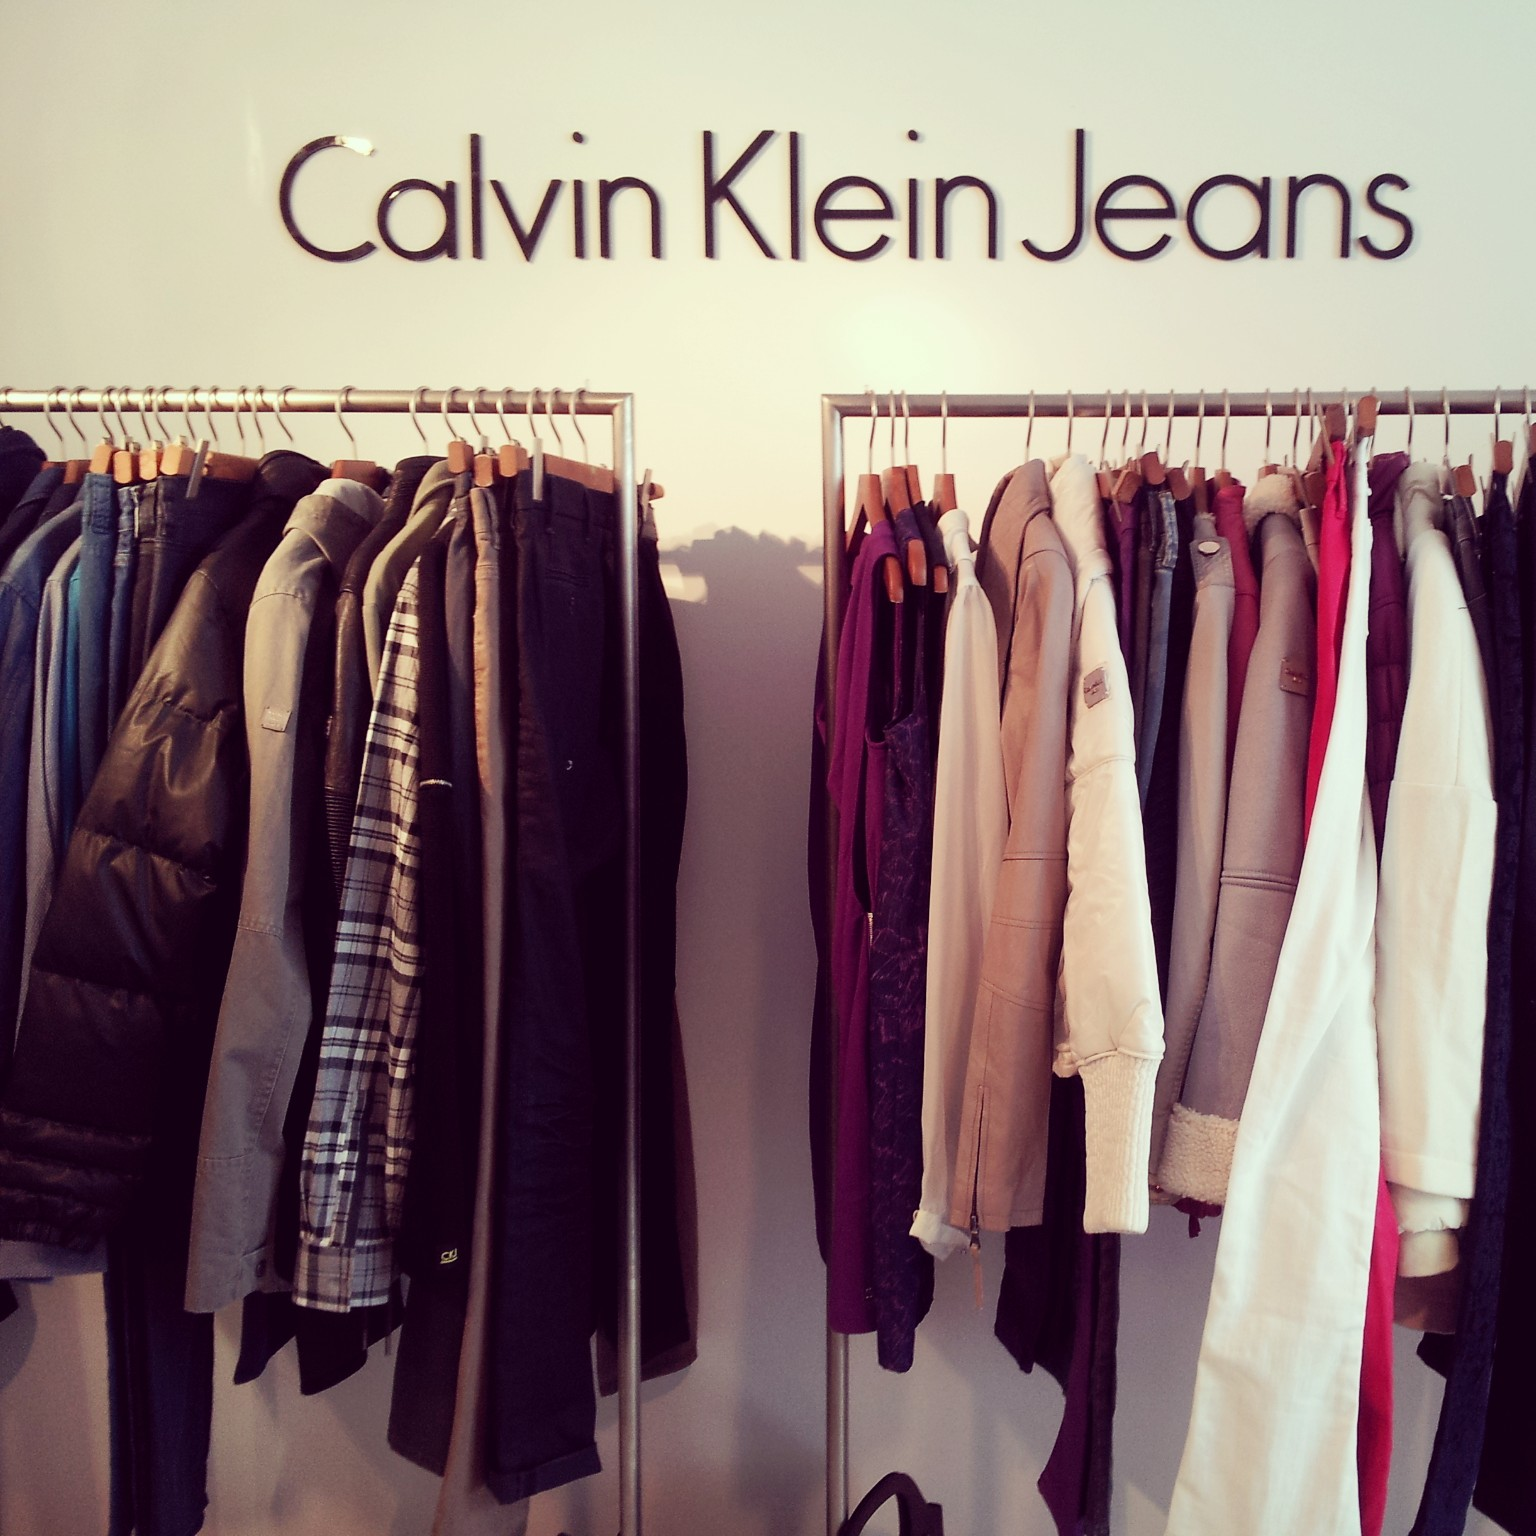 Zegna Clothing Uk